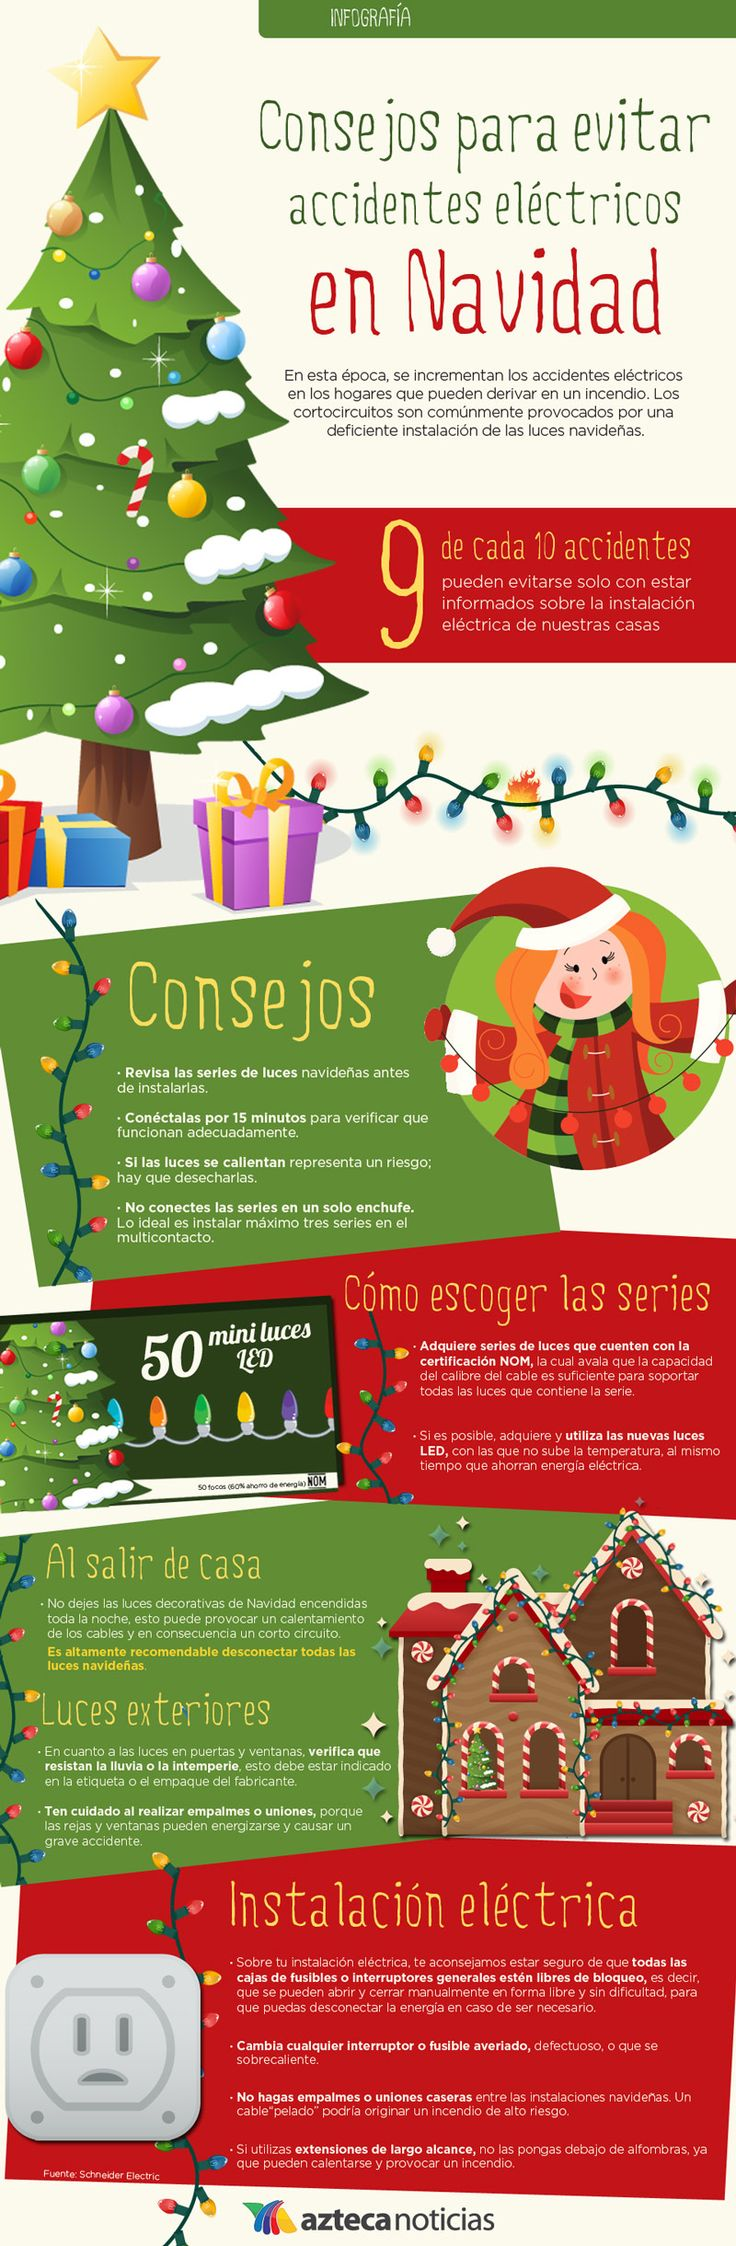 Consejos para evitar accidentes eléctricos en Navidad